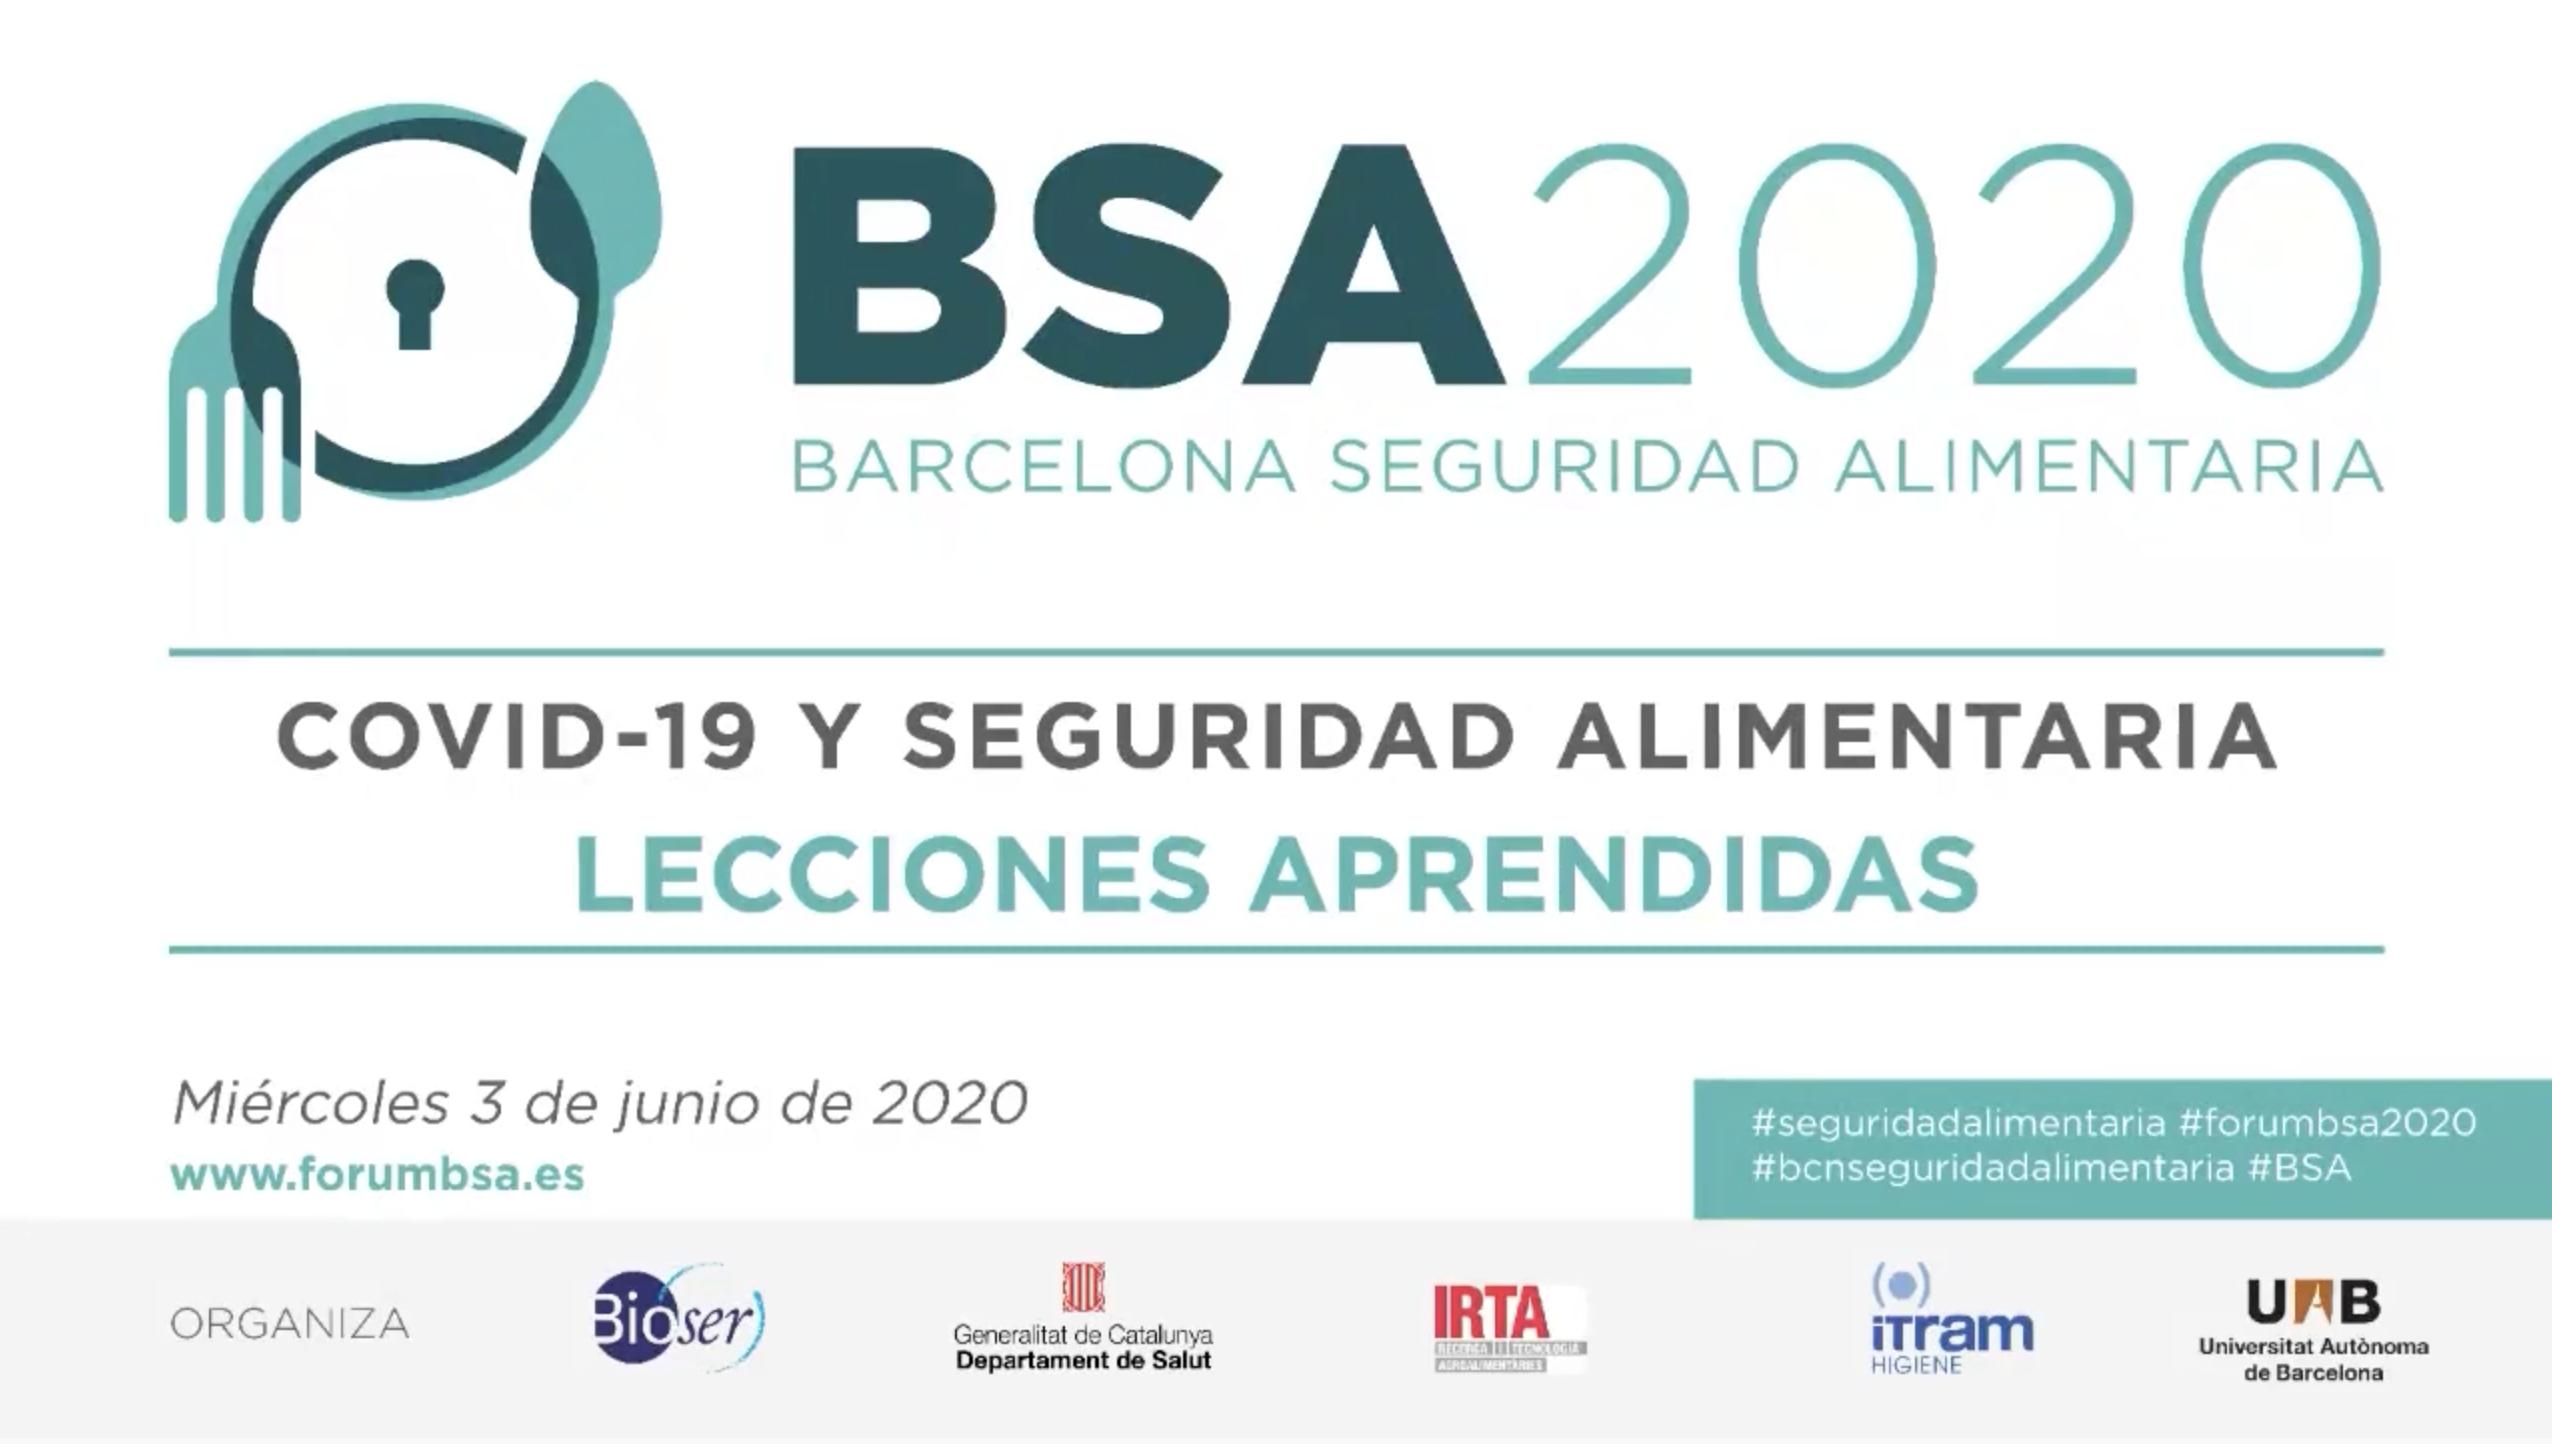 La segunda edición de Barcelona Seguridad Alimentaria se consolida como un entorno de referencia para hacer frente a las inquietudes del sector